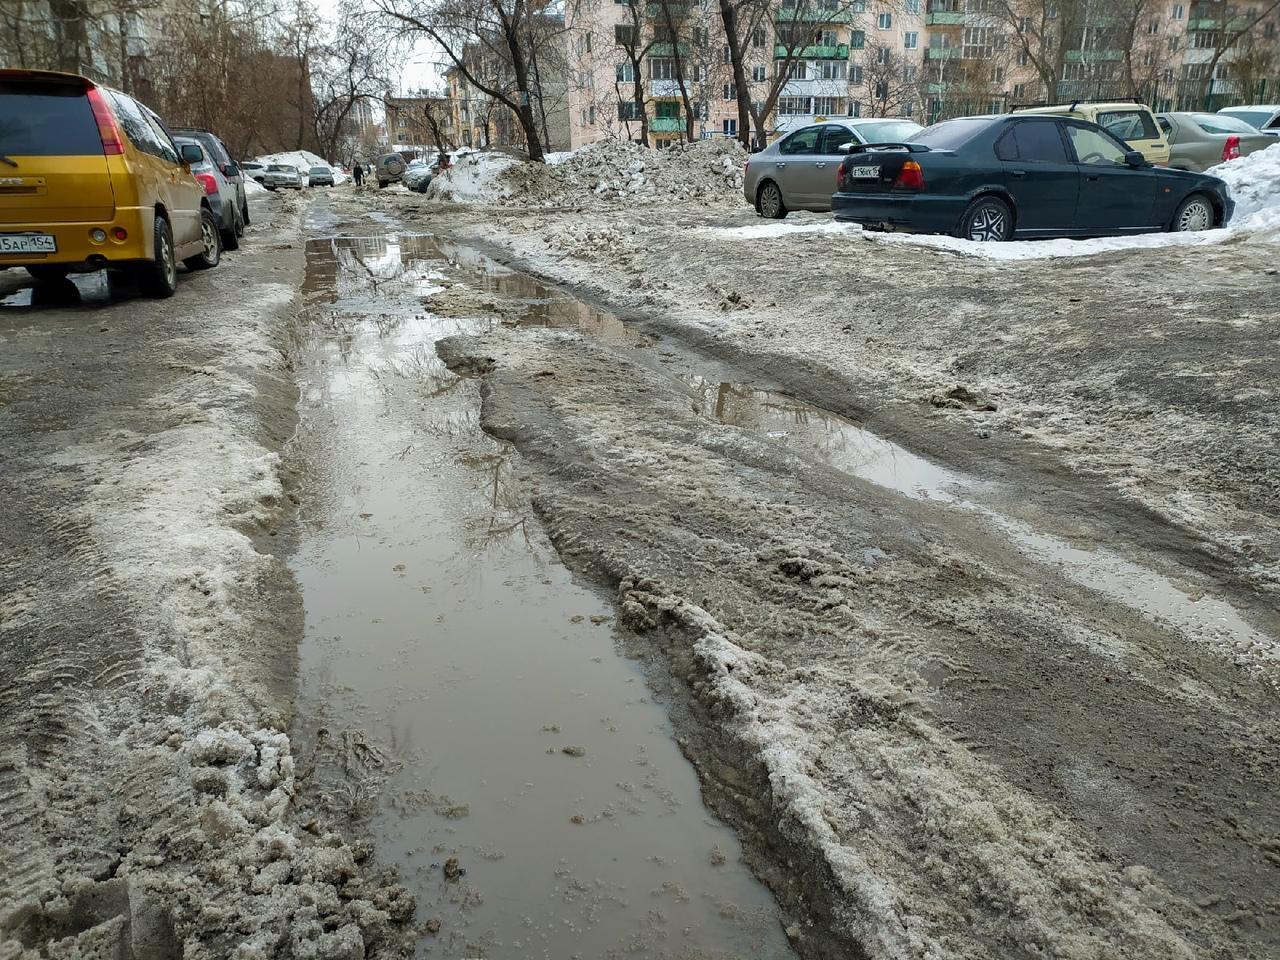 Фото Грязная весна в Новосибирске: 10 ужасающих фото улиц и дворов города 7